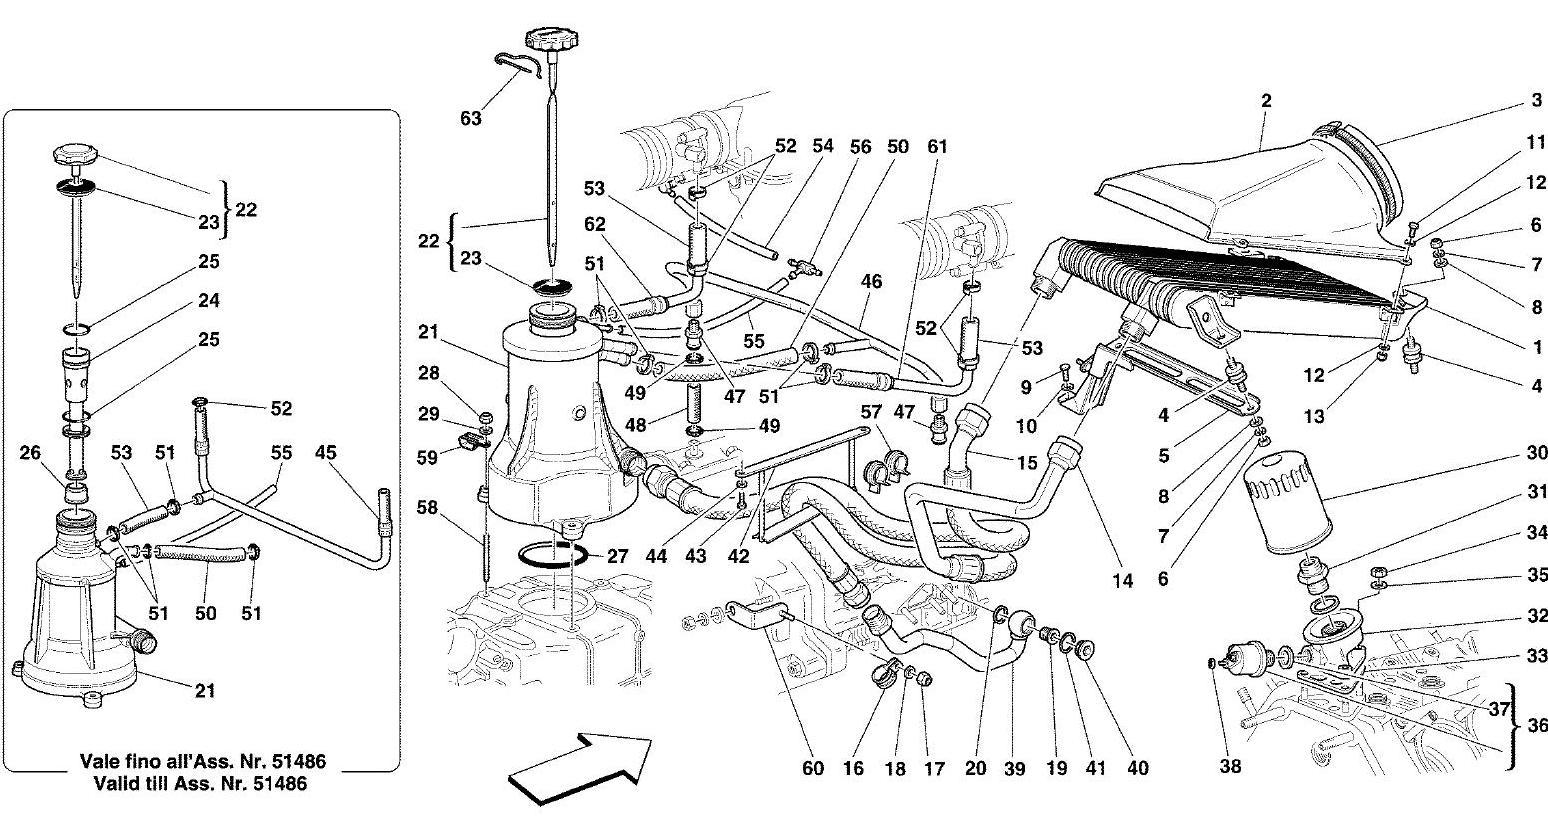 360 engine diagram